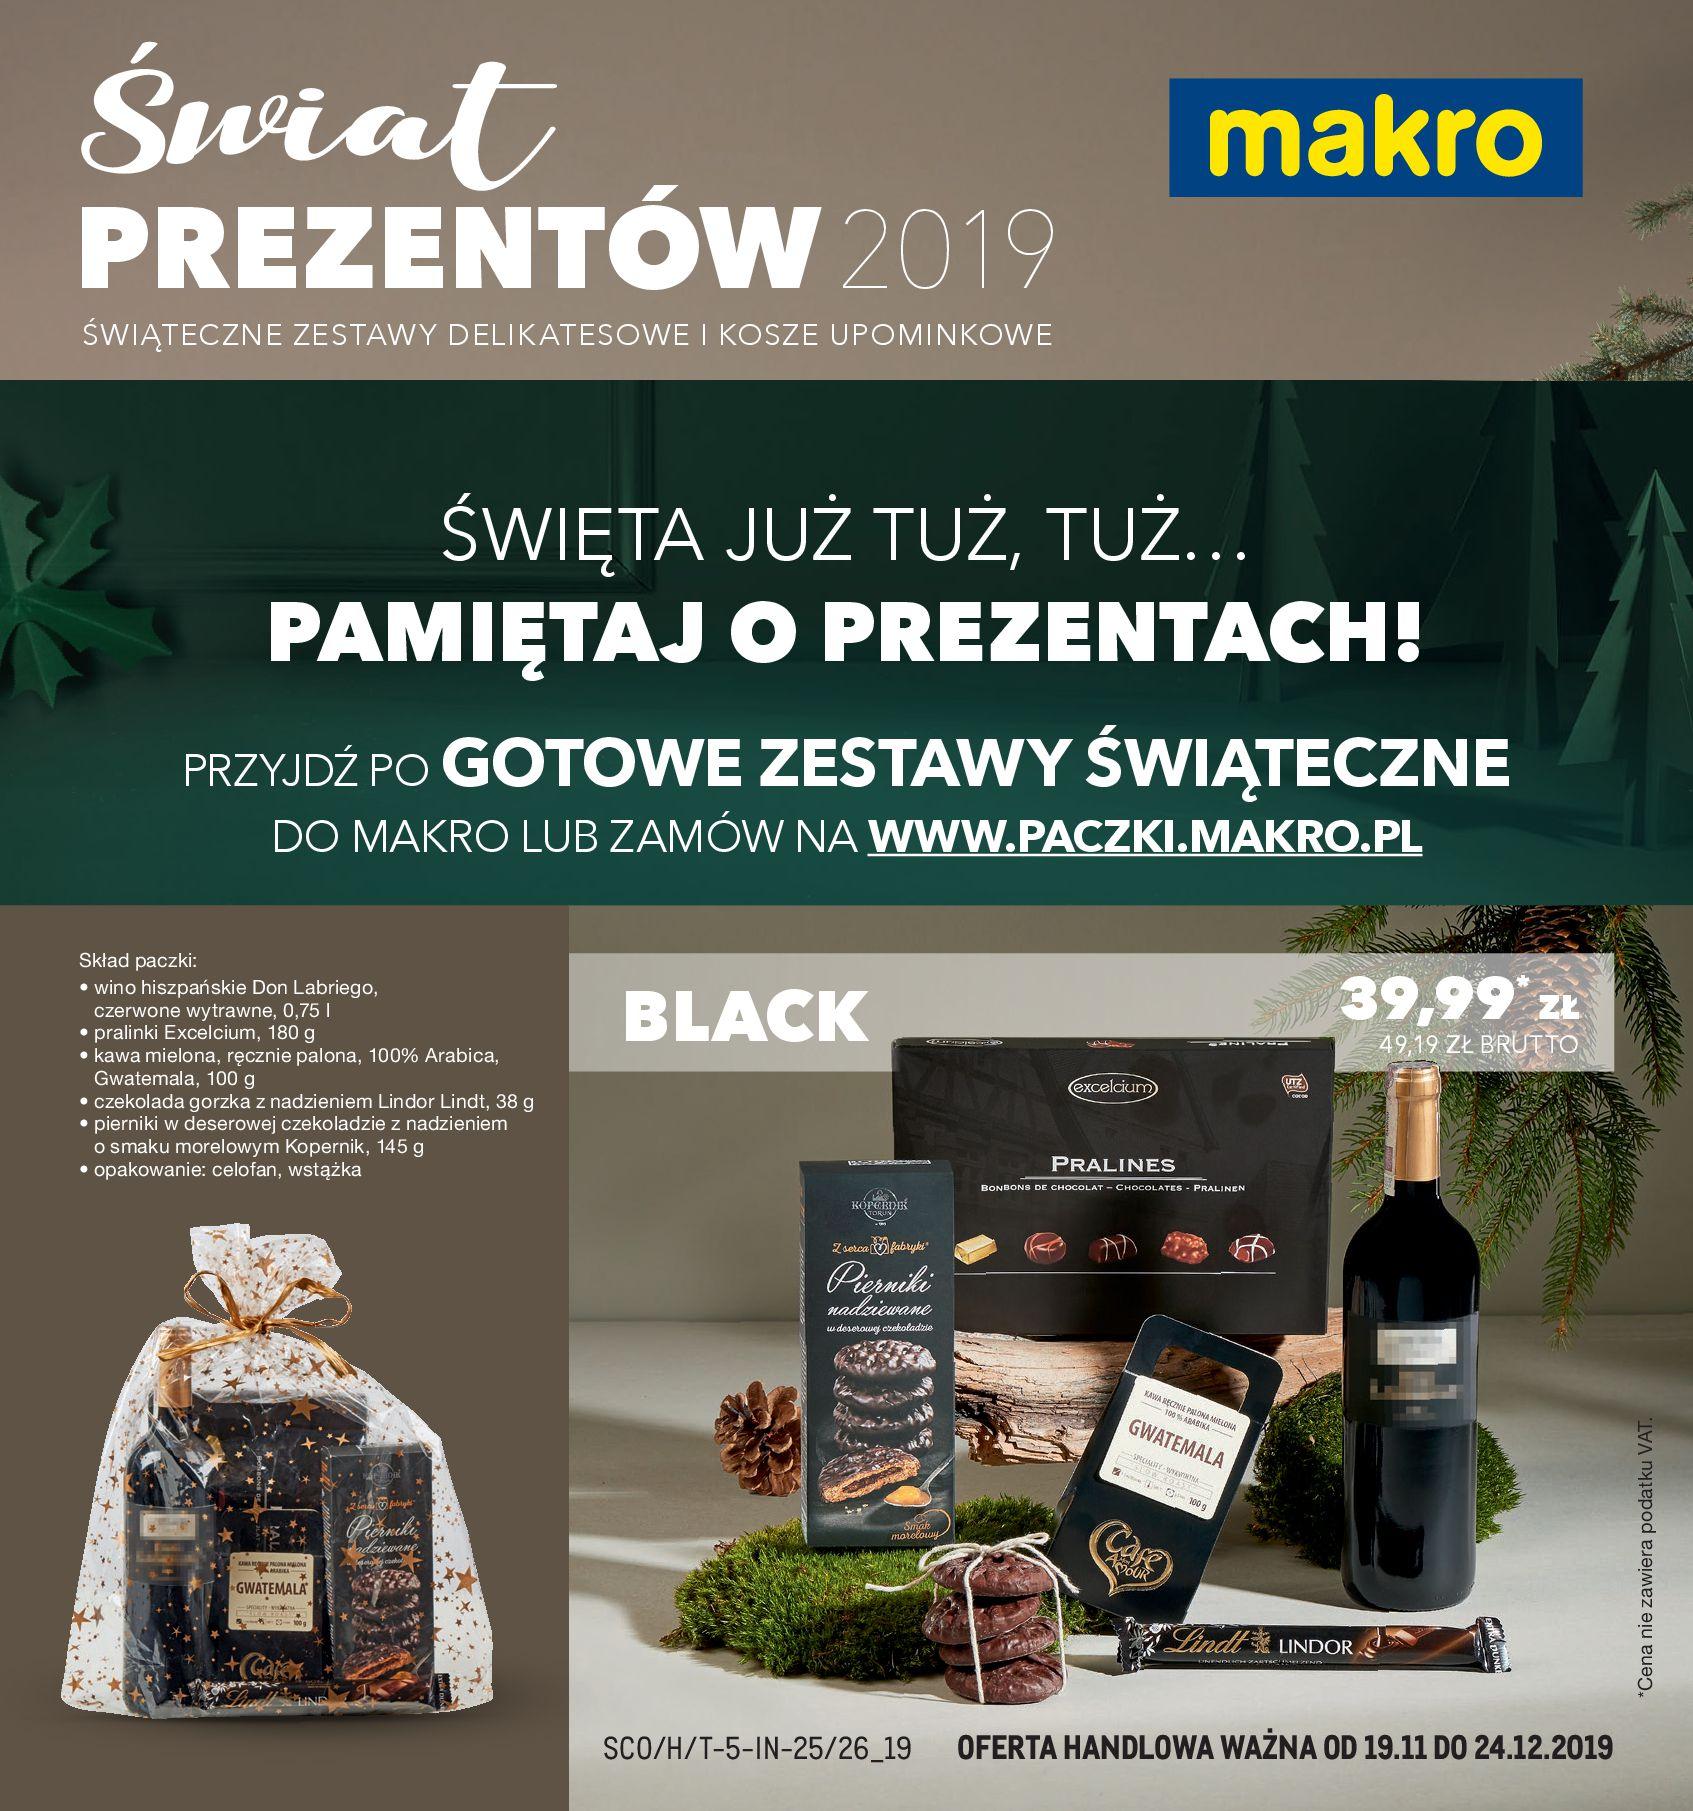 Gazetka Makro - GOTOWE ZESTAWY ŚWIĄTECZNE-18.11.2019-24.12.2019-page-1